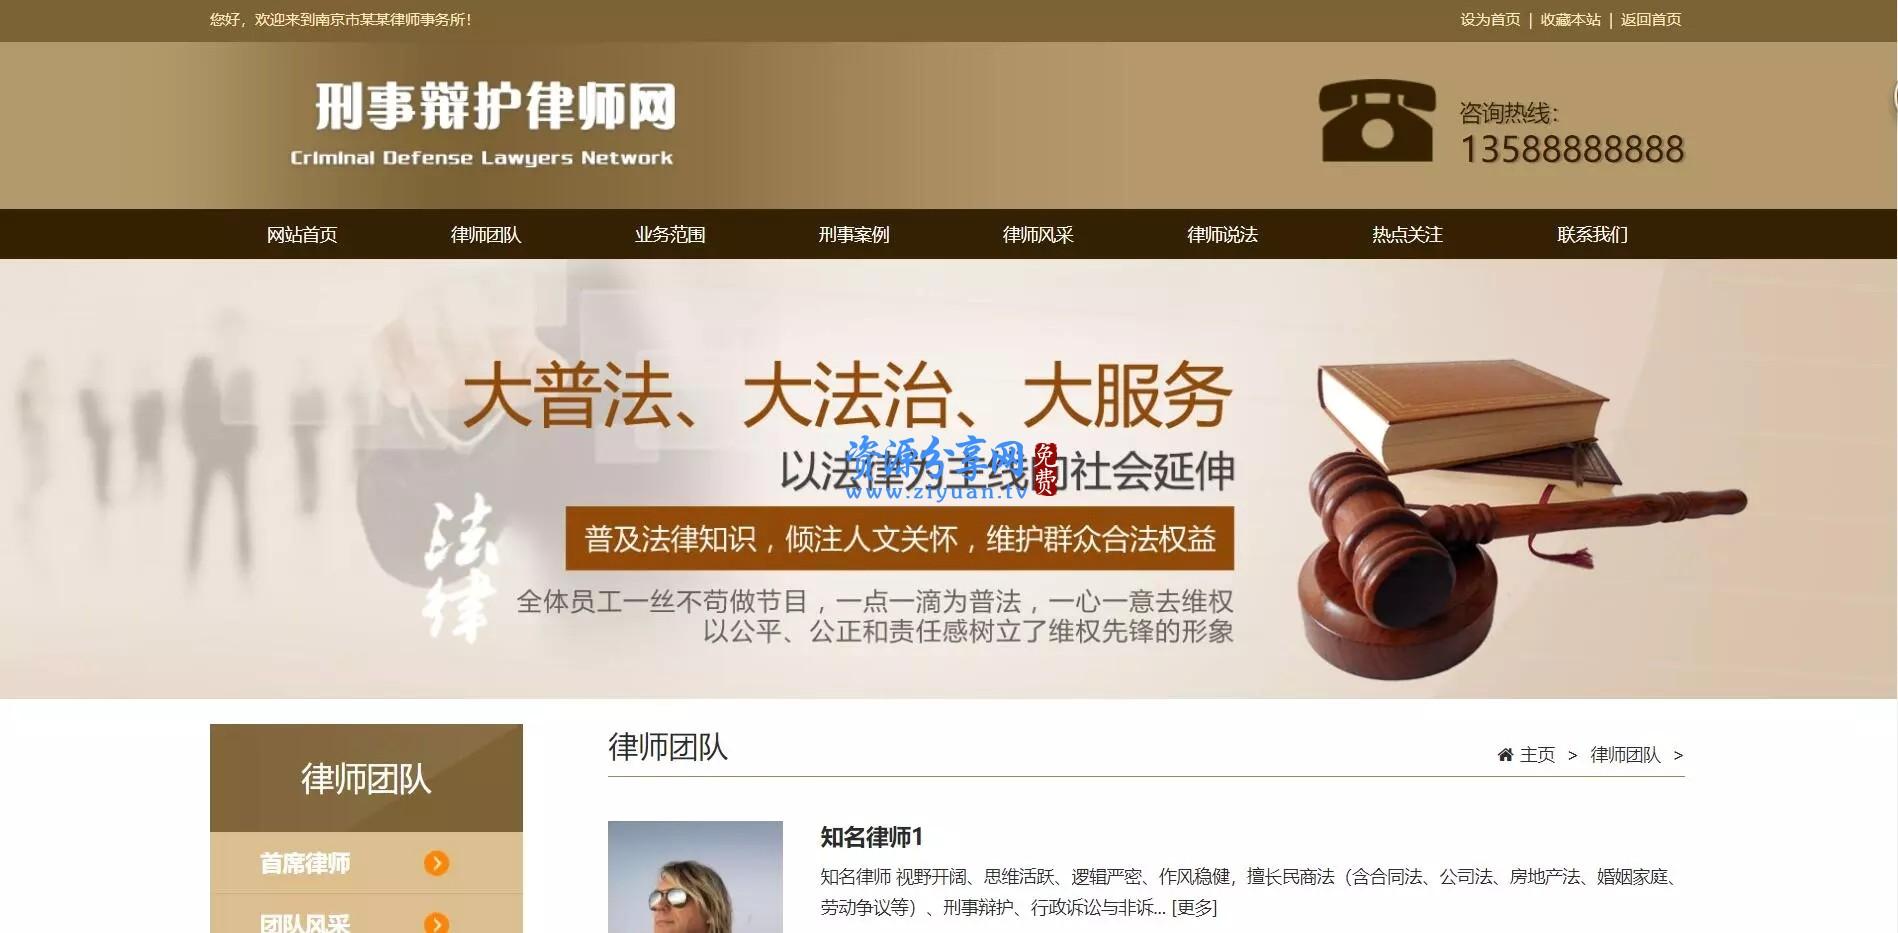 律师事务所网站织梦模板